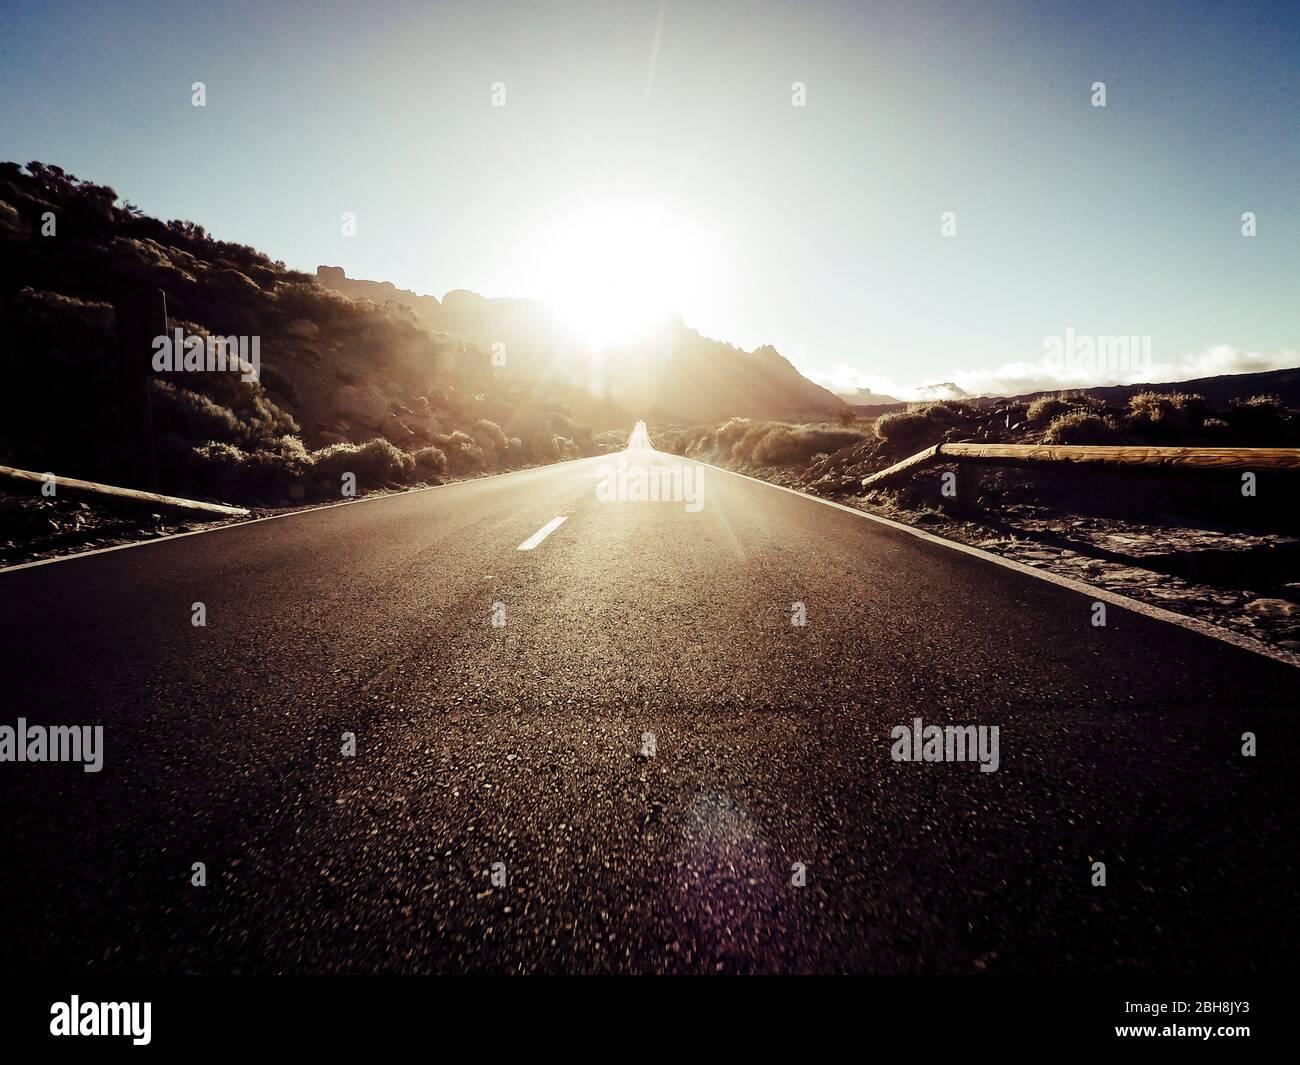 Strada lunga in montagna con sole davanti e luce del sole - punto di vista del terreno con asfalto nero e linee bianche - concetto di guida e viaggio Foto Stock